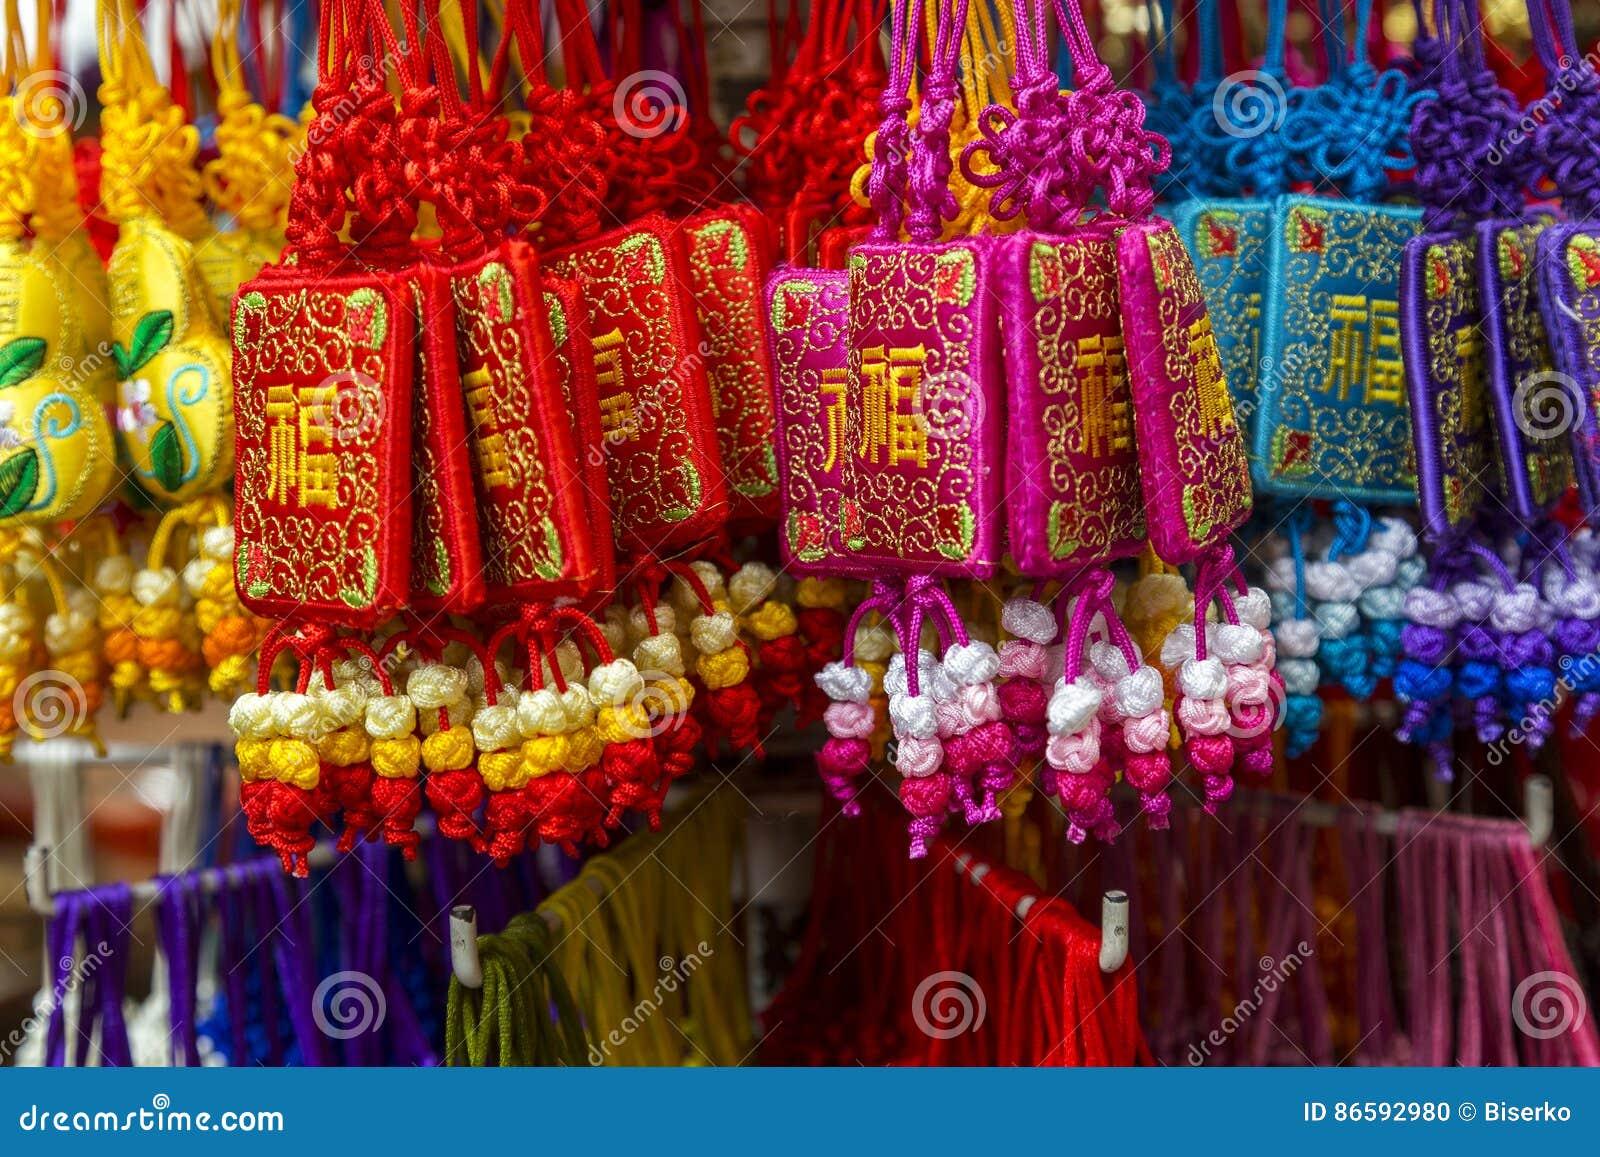 fcab2467ce Θηλυκές τσάντες παραδοσιακού κινέζικου φιαγμένες από μετάξι στα διαφορετικά  χρώματα